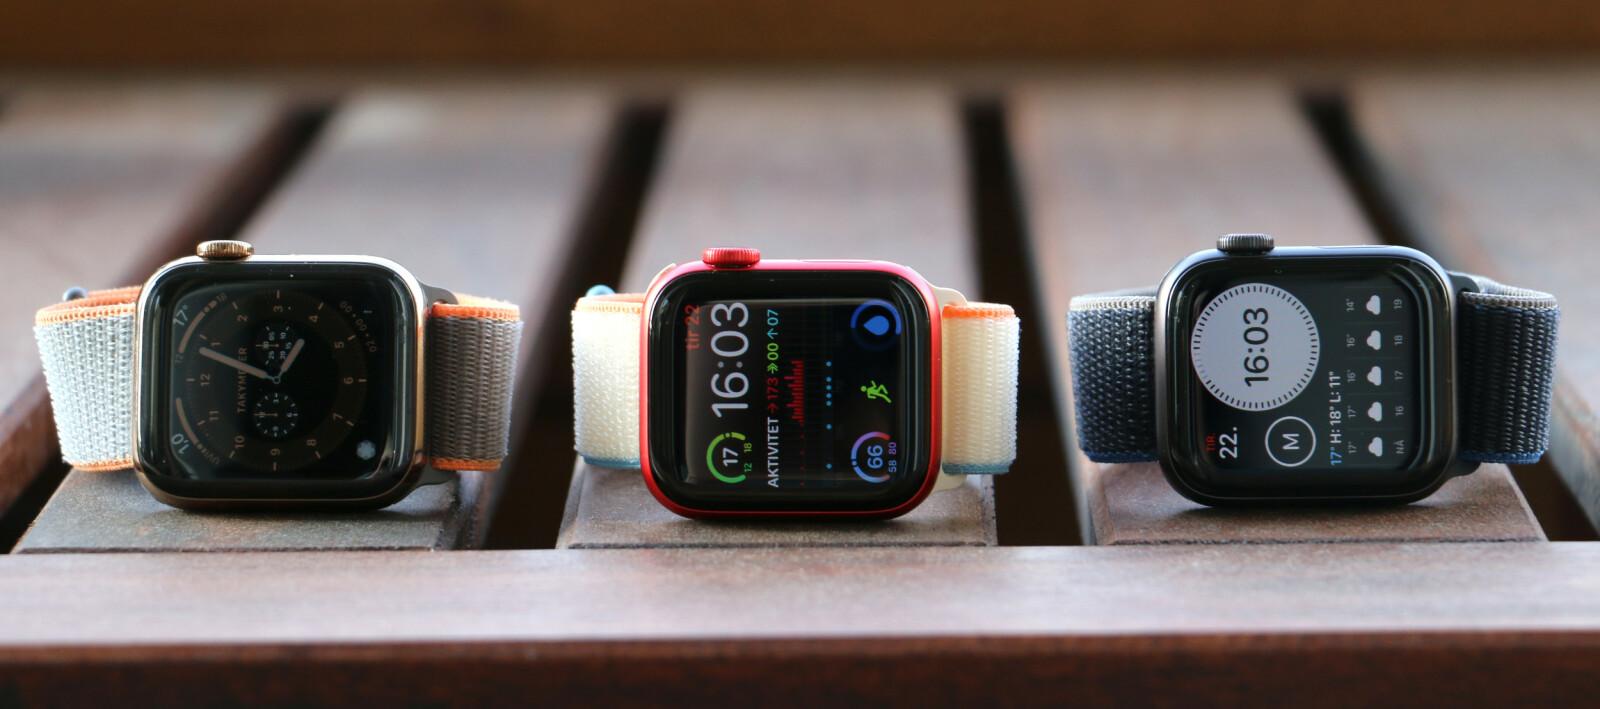 SAMME DESIGN: Det er så godt som umulig å se forskjell på Apple Watch Series 5 (til venstre), Series 6 (i midten) og SE (til høyre). Fargen kan dog avsløre dem. Foto: Kirsti Østvang